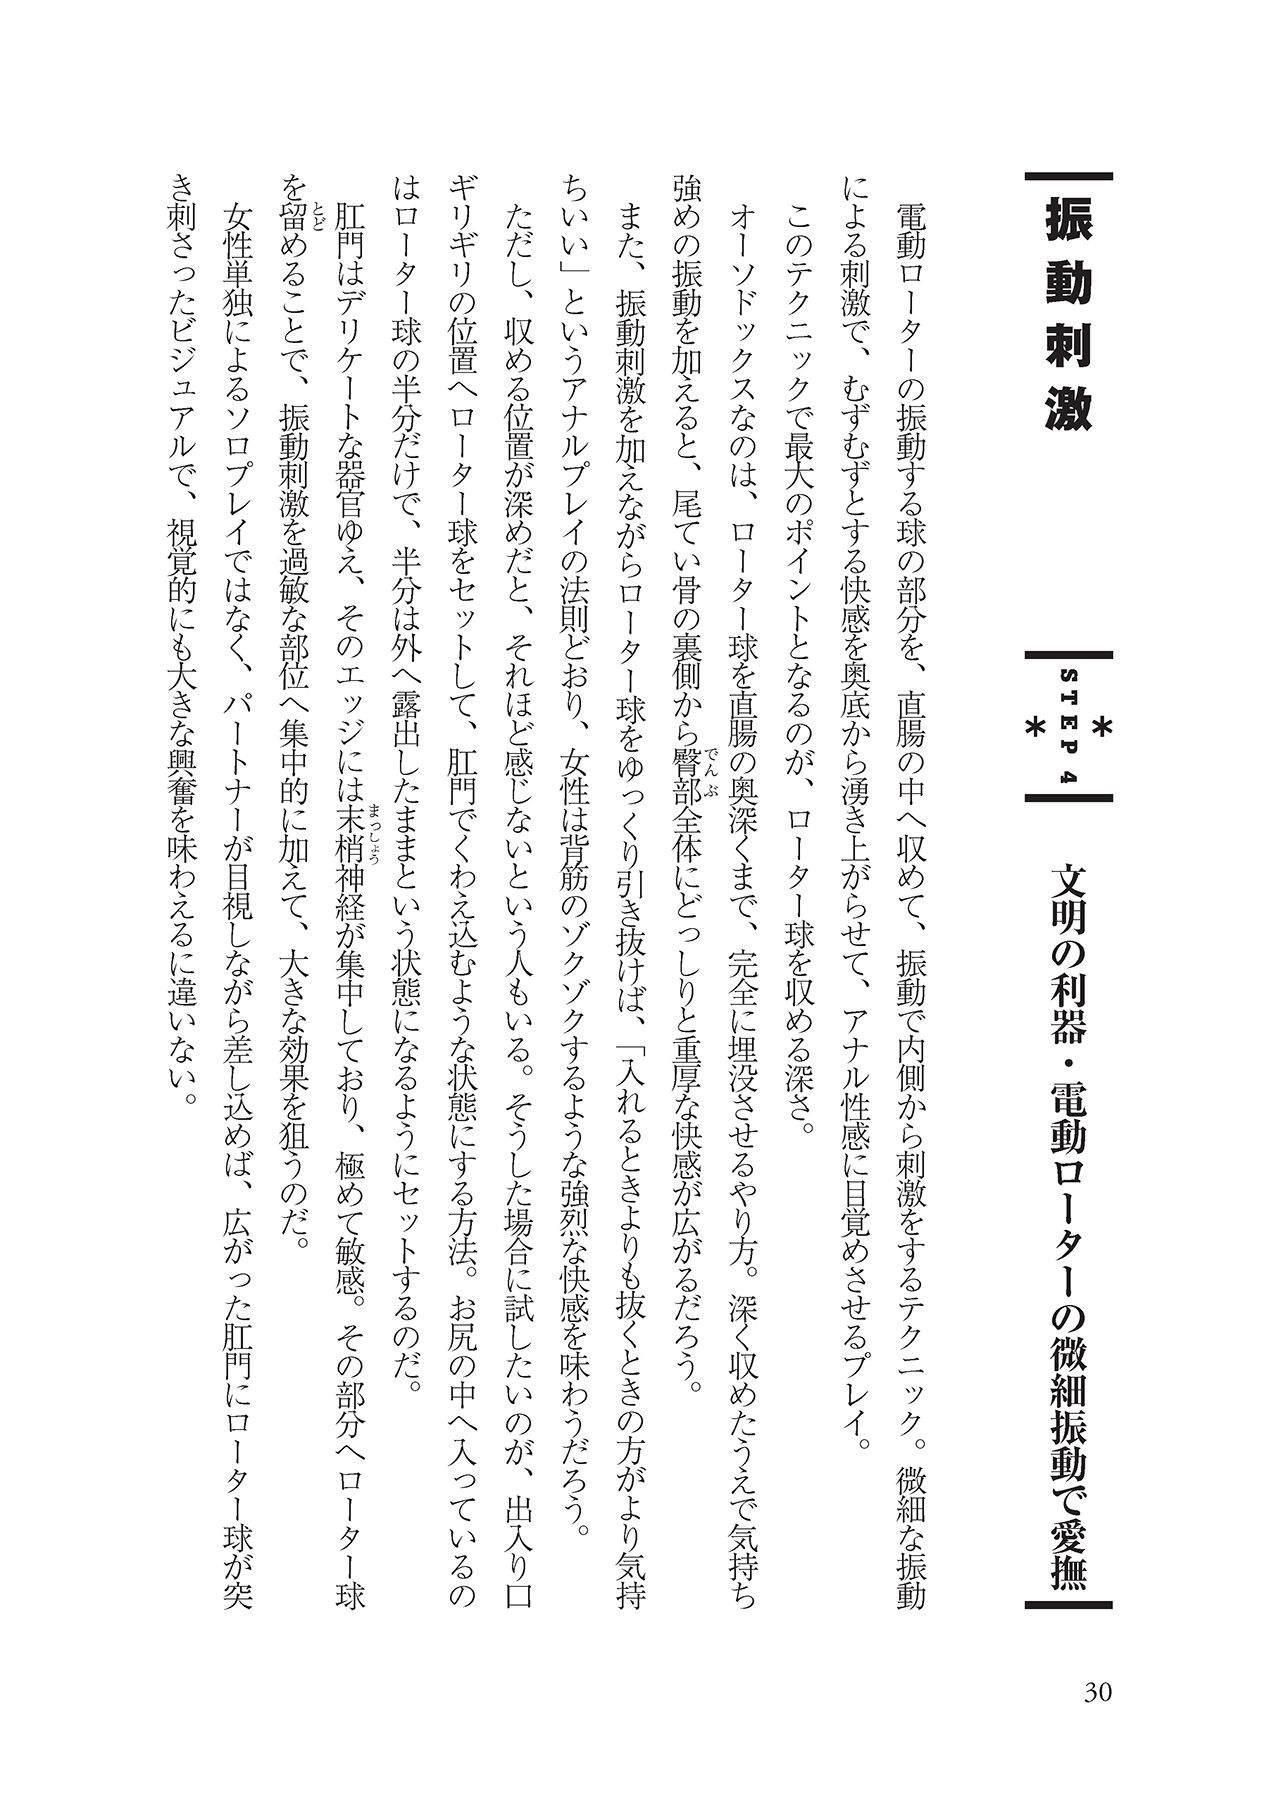 アナル性感開発・お尻エッチ 完全マニュアル 31